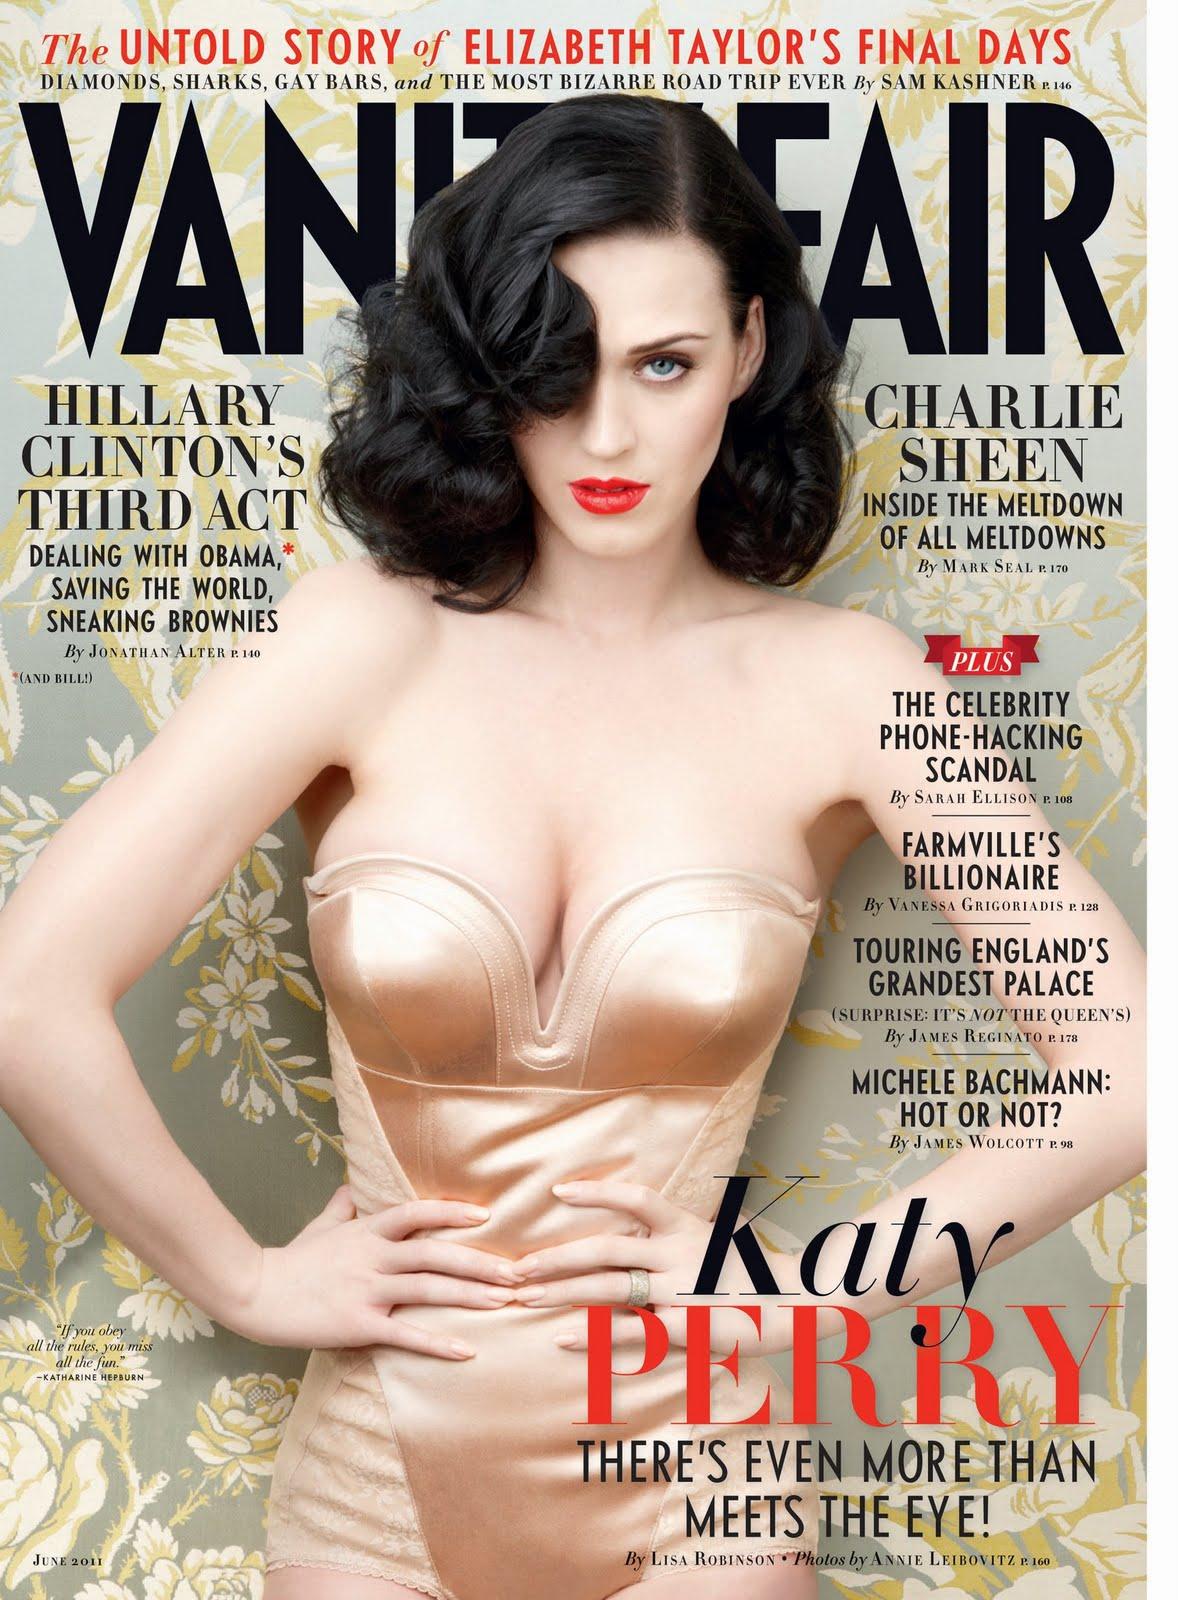 http://1.bp.blogspot.com/-59h5ZnRqCdM/TcXNb2uiziI/AAAAAAAAADo/wTxdMqv26TE/s1600/Katy+Perry+Vanity+Fair.jpg